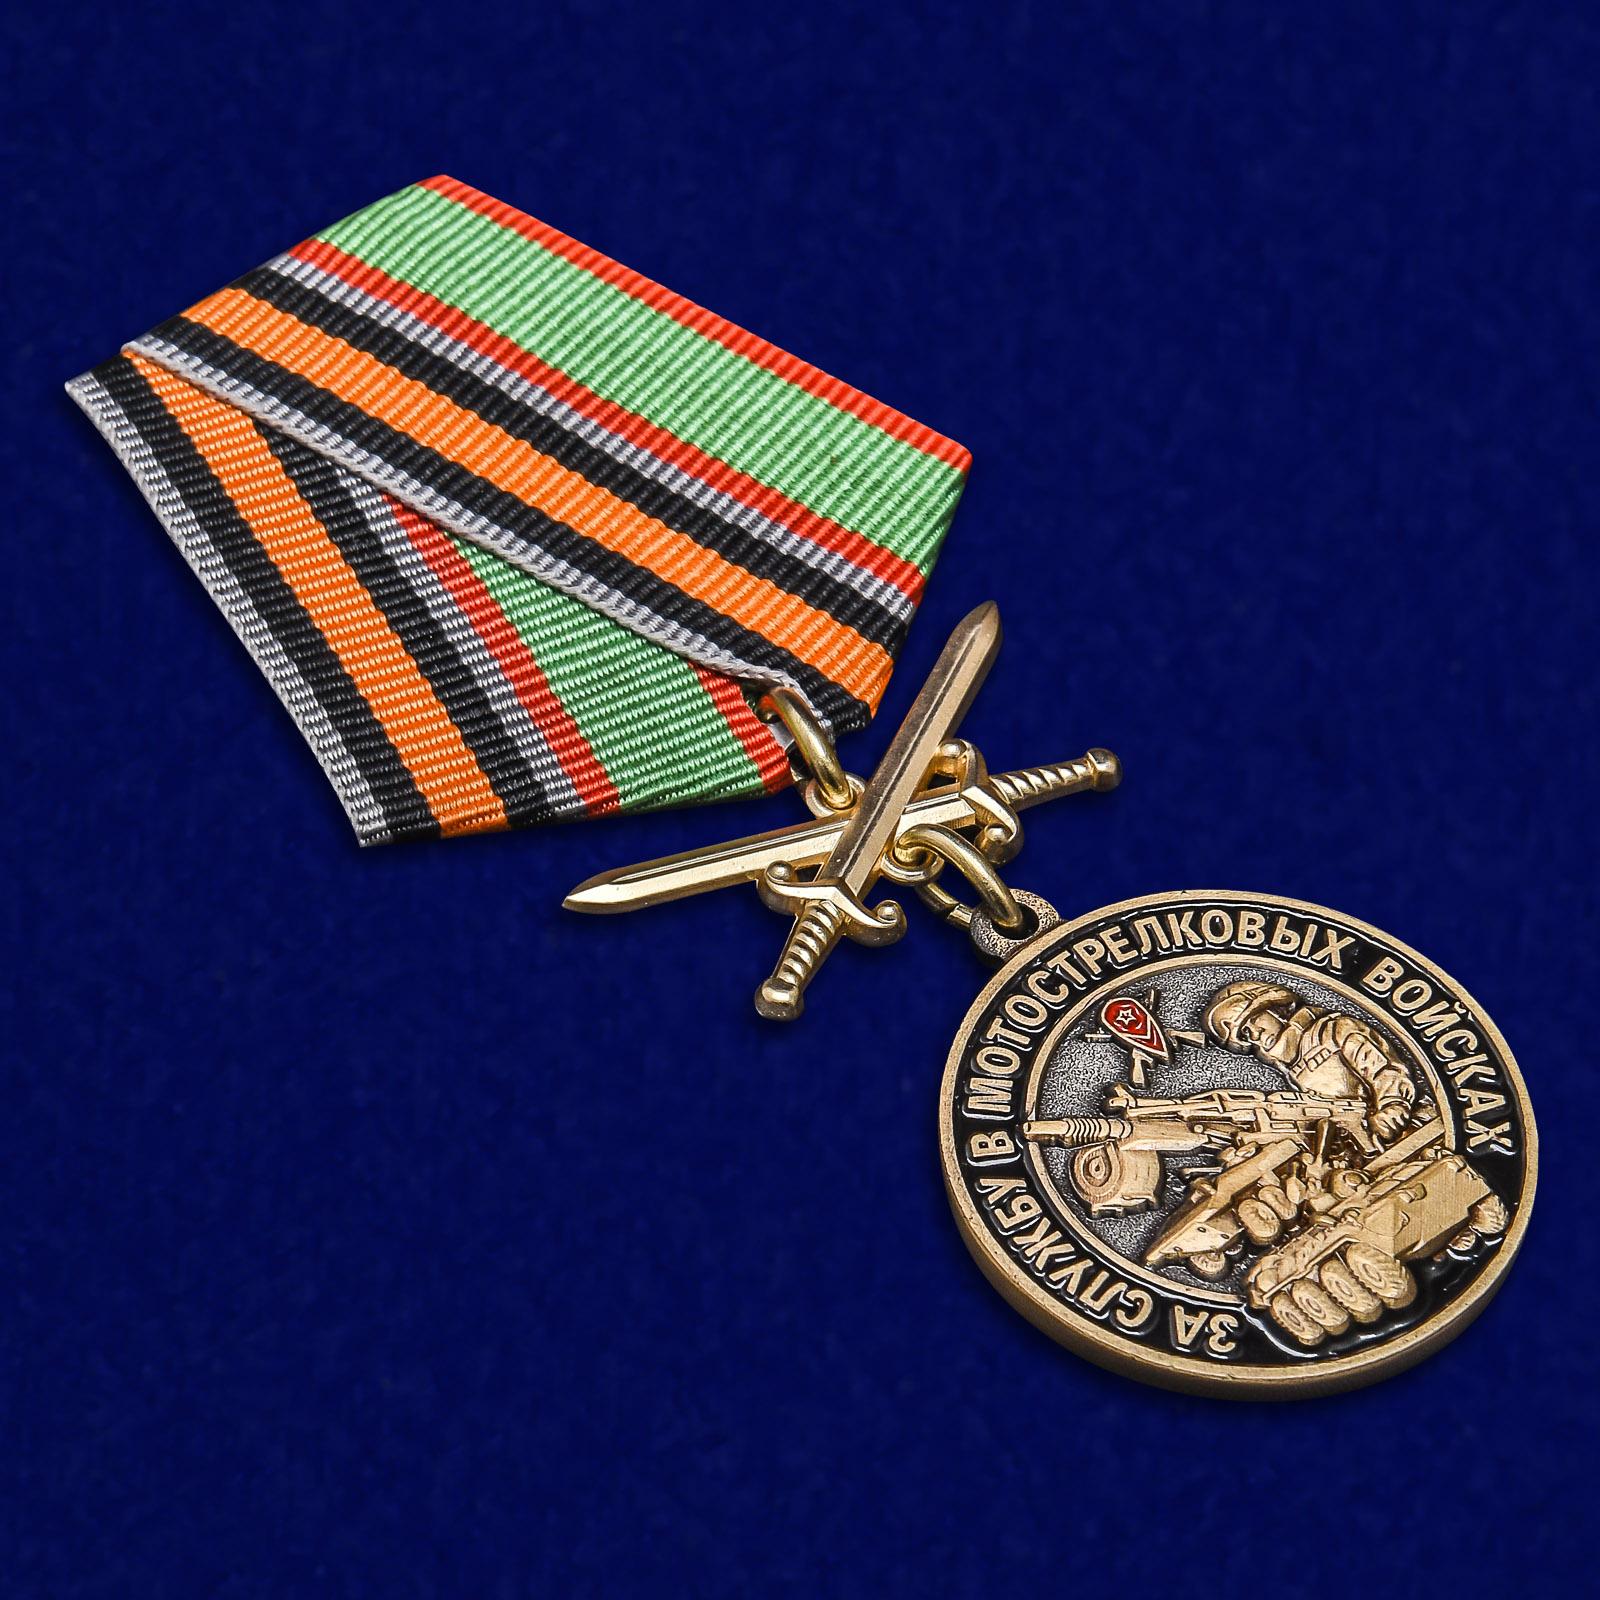 """Медаль """"За службу в Мотострелковых войсках"""" - в розницу и оптом"""